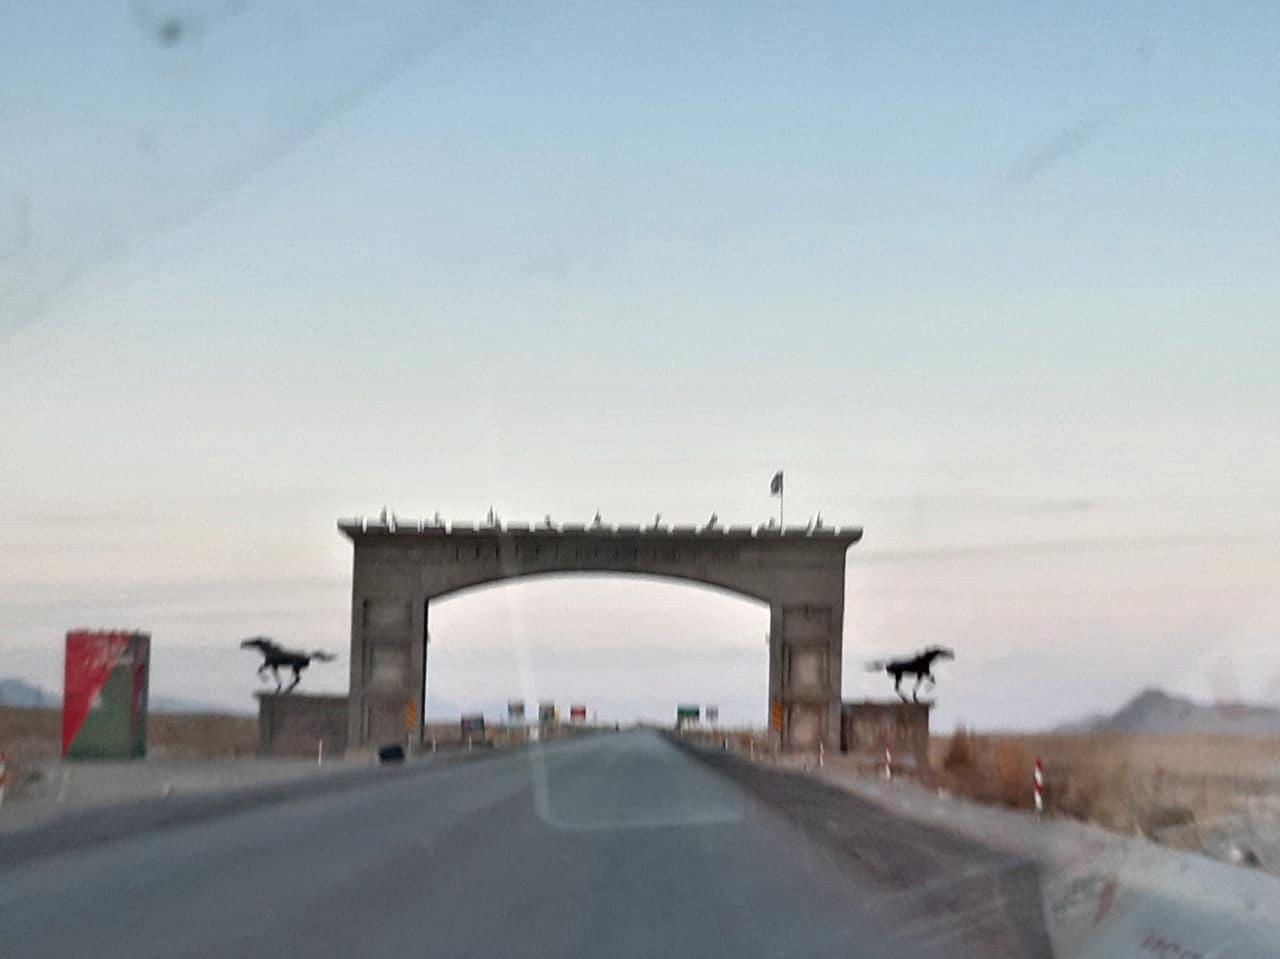 The gate leading to Khuzdar.